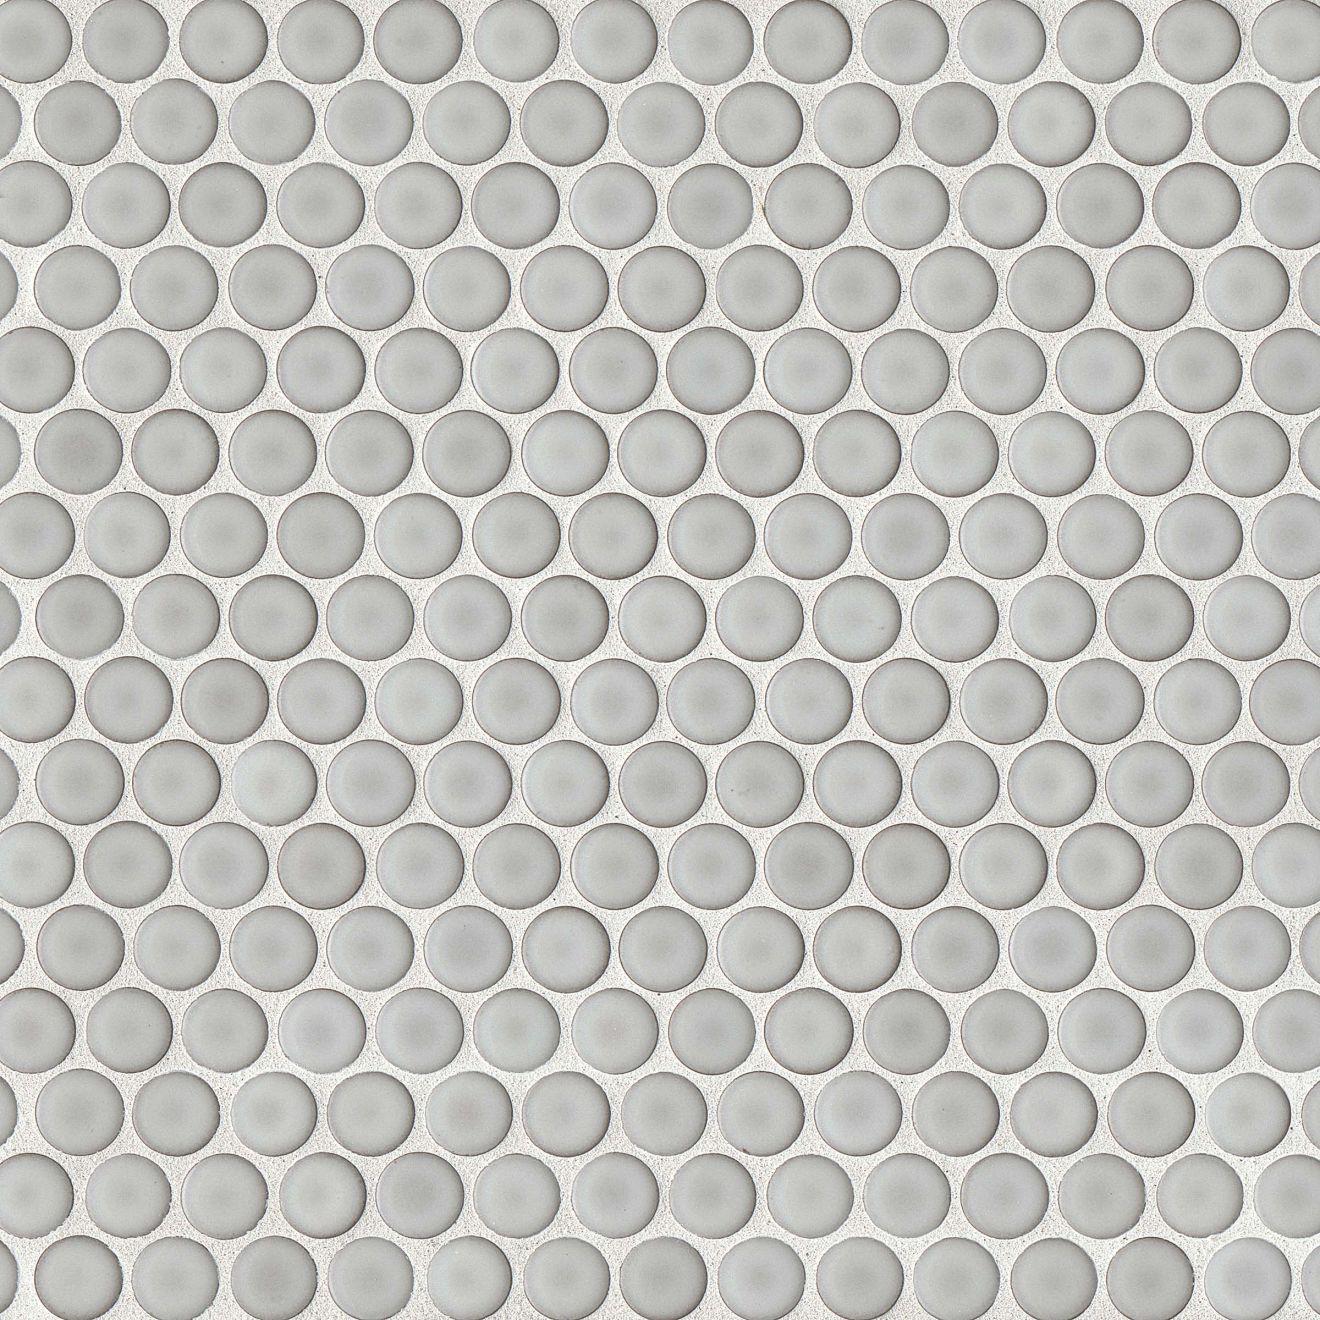 """360 3/4"""" x 3/4"""" Floor & Wall Mosaic in Dove Grey"""